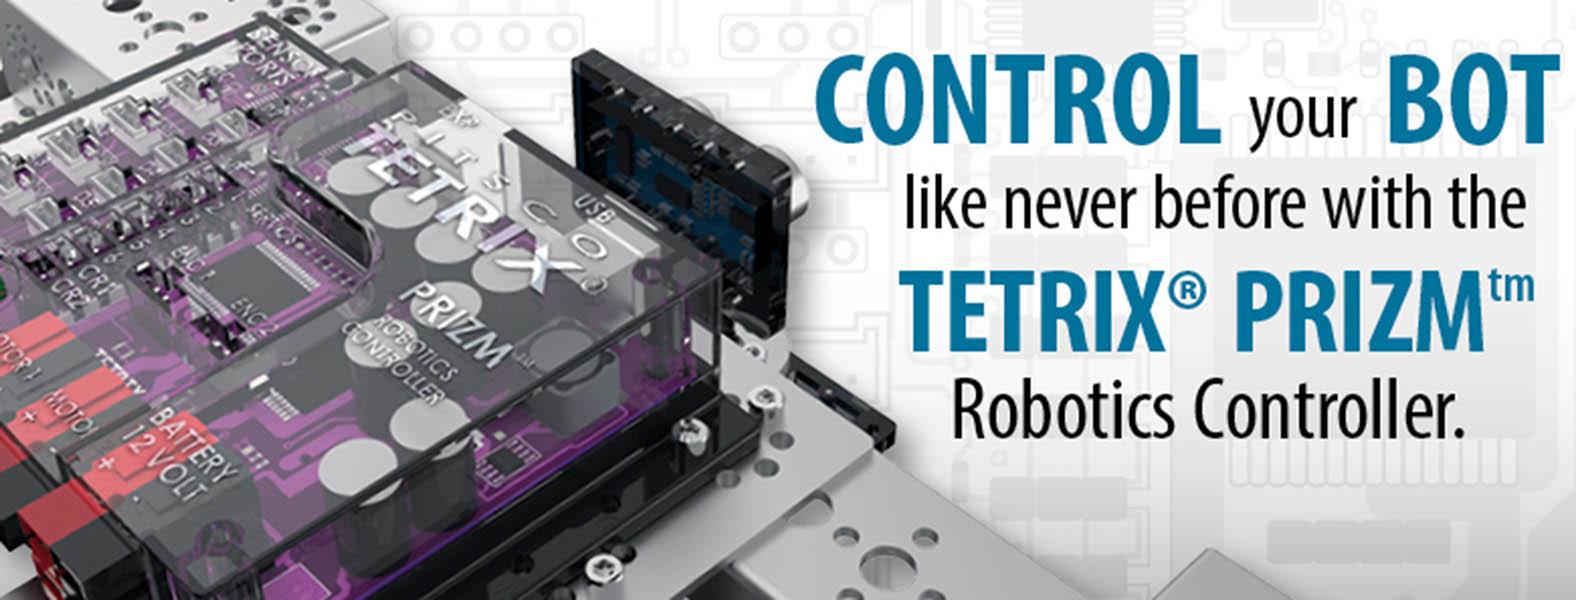 controler tetrix prizm